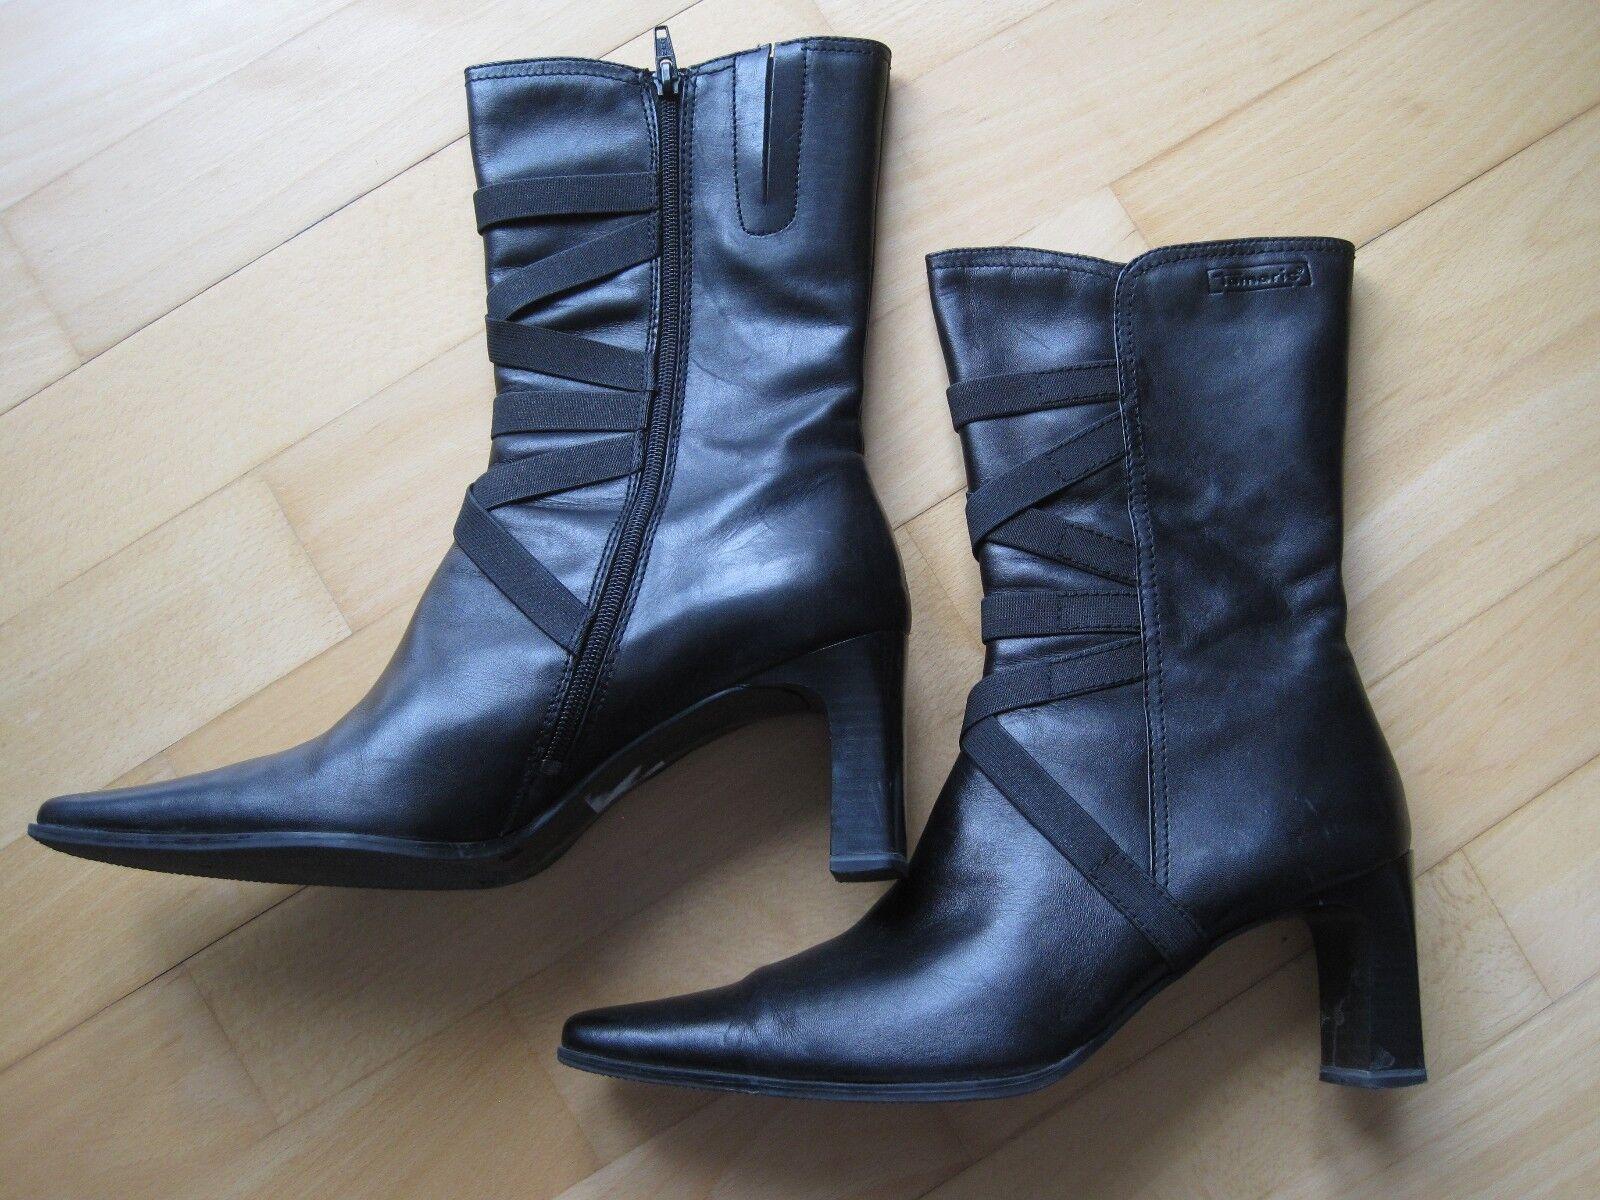 TAMARIS Stiefeletten schwarz Gr. 41 Leder nwtg